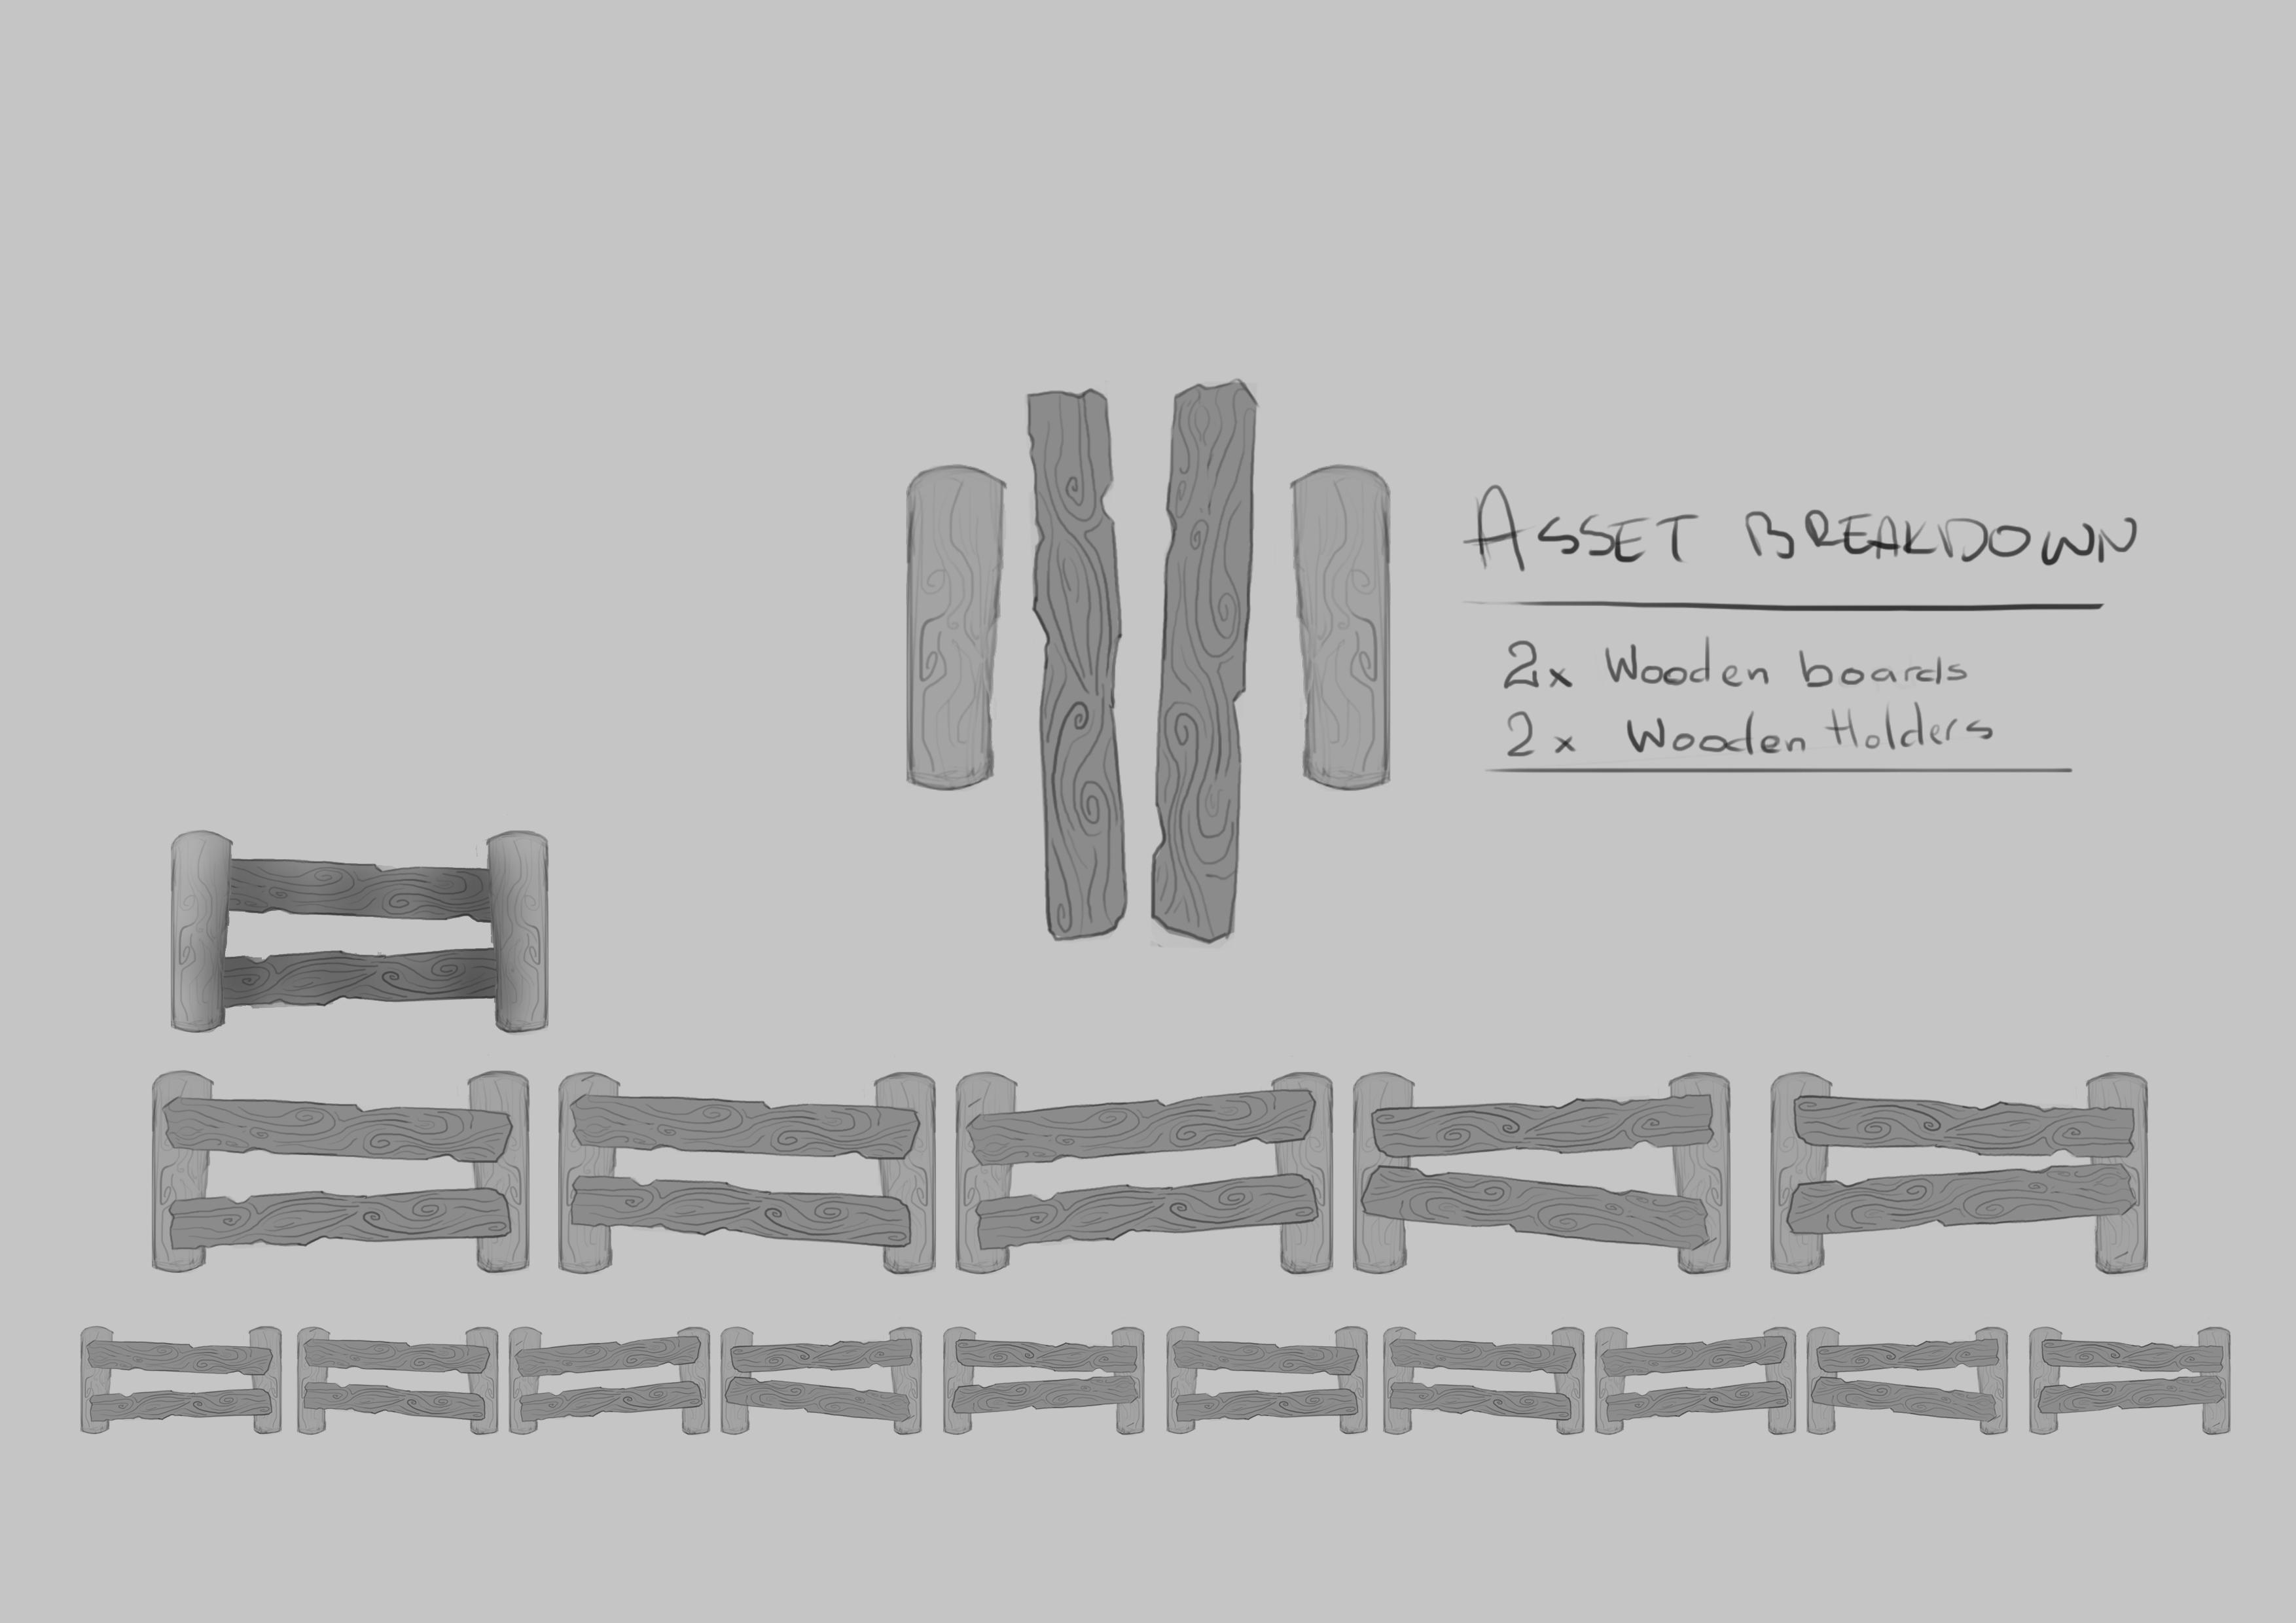 Fence design 2